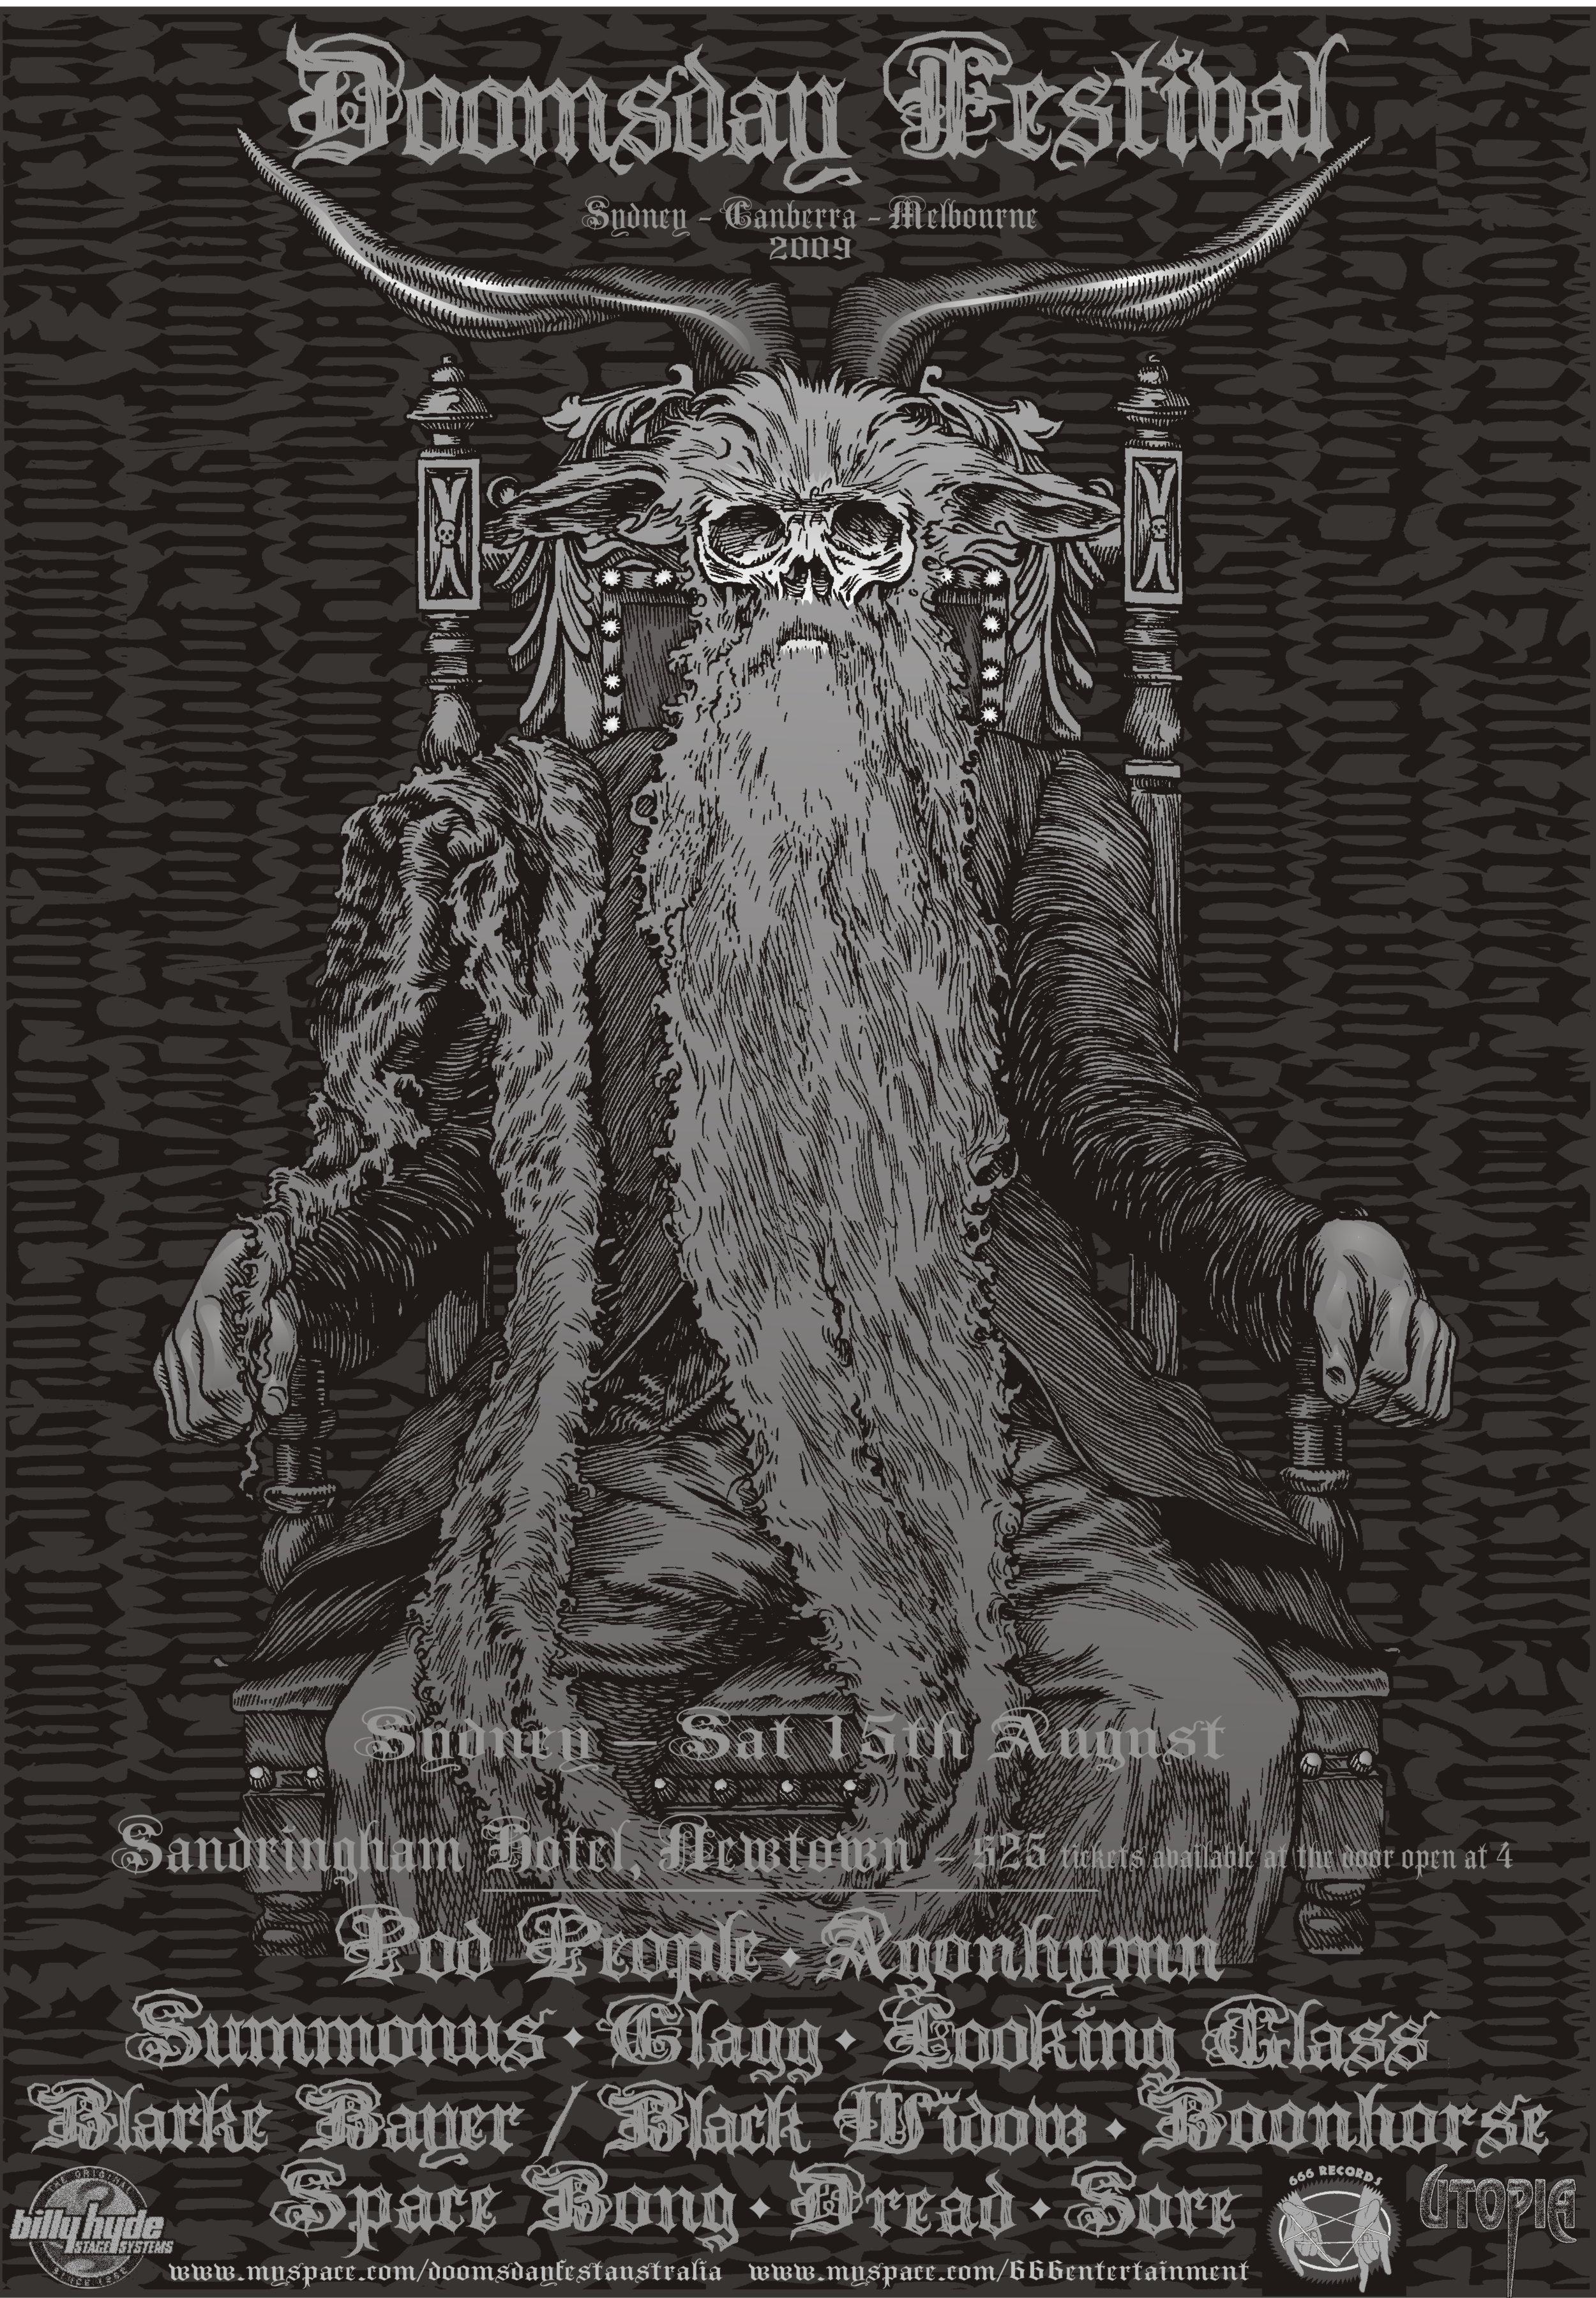 doomsday festival poster.jpg